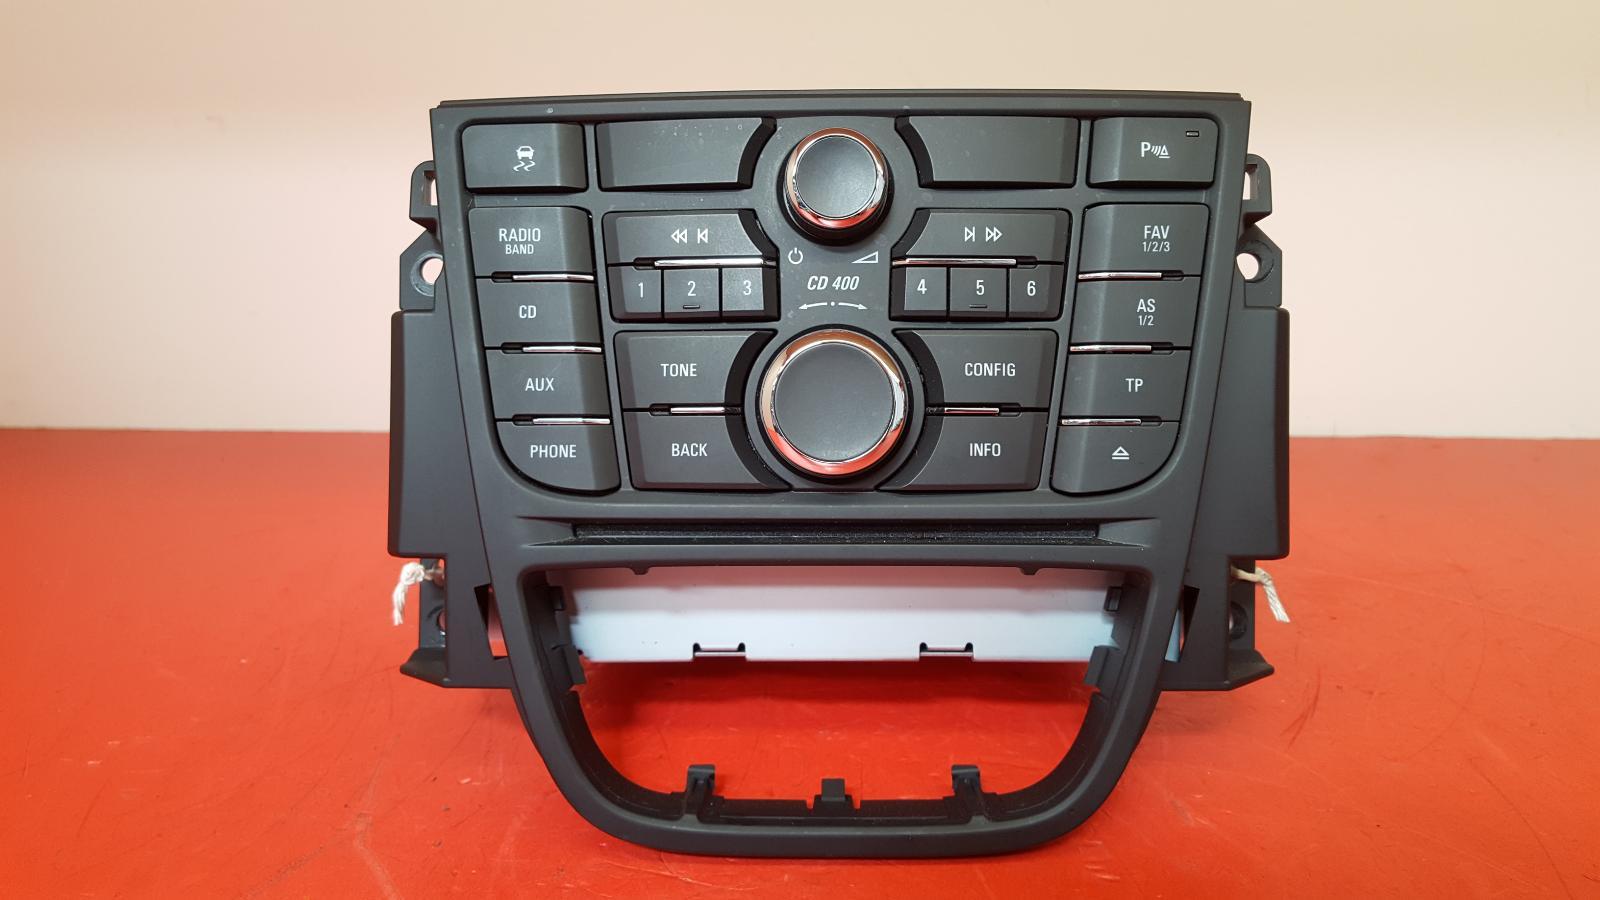 View Auto part A/V Equipment Vauxhall Meriva 2016